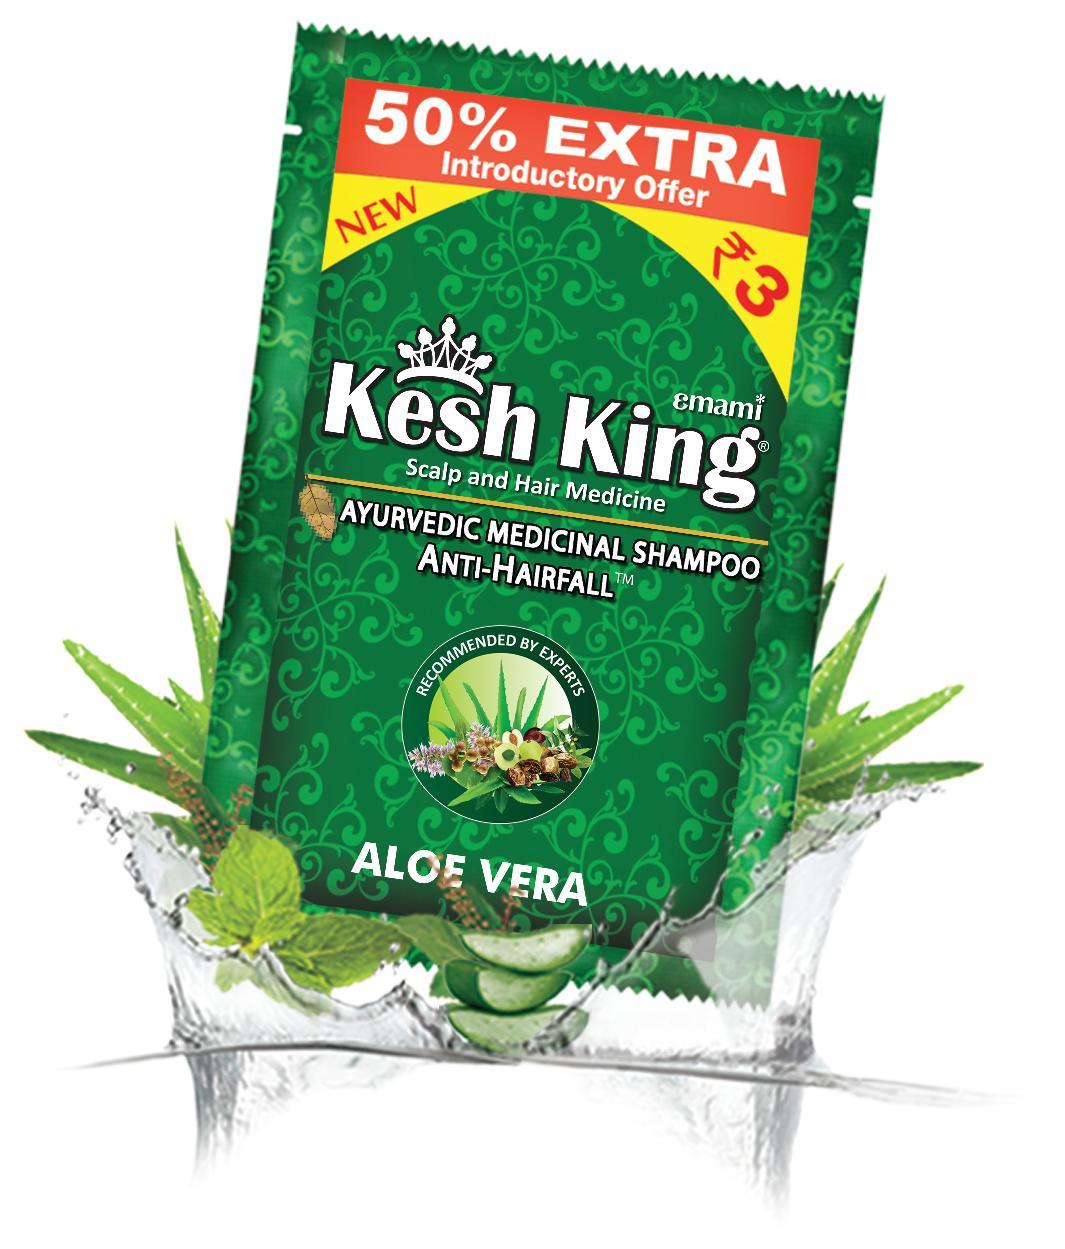 kesh-king-shampoo-sachet